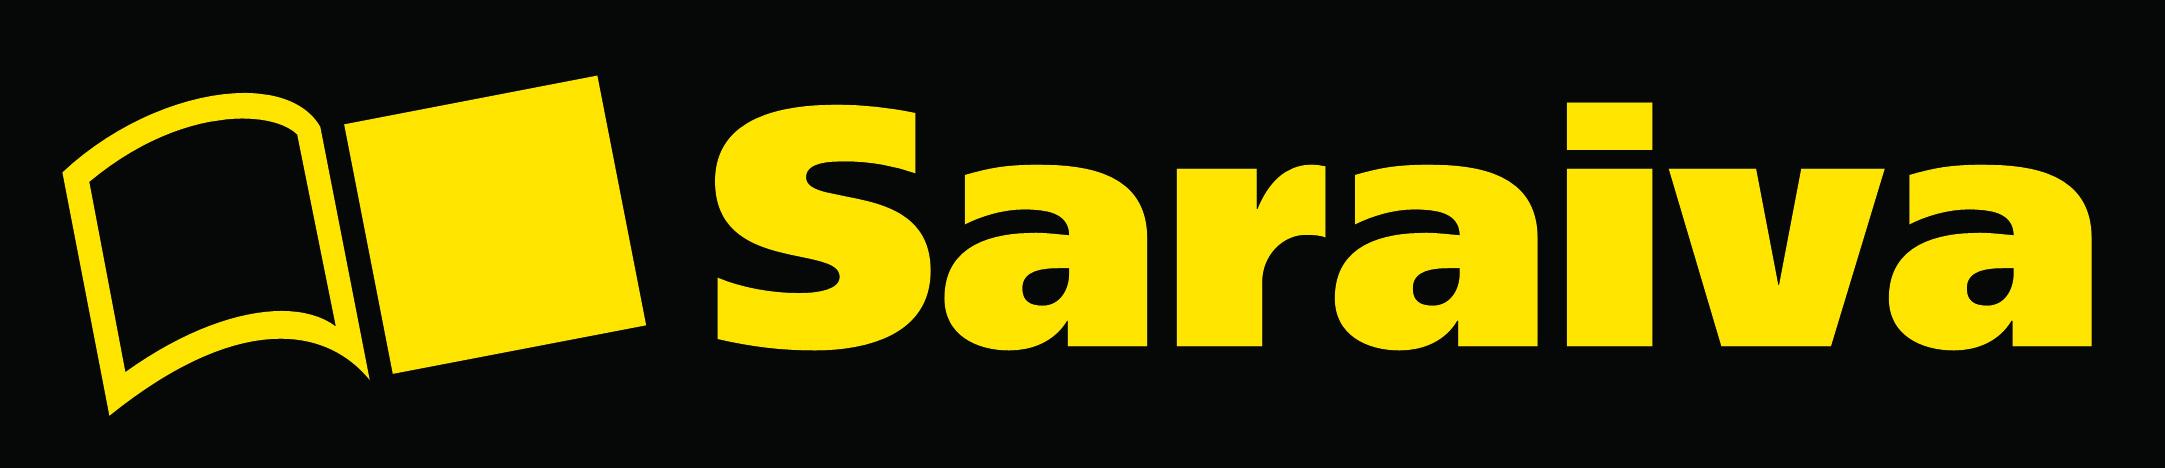 CARTÃO SARAIVA DICAS DE COMO SOLICITAR VIA ONLINE VIA APP E OUTROS